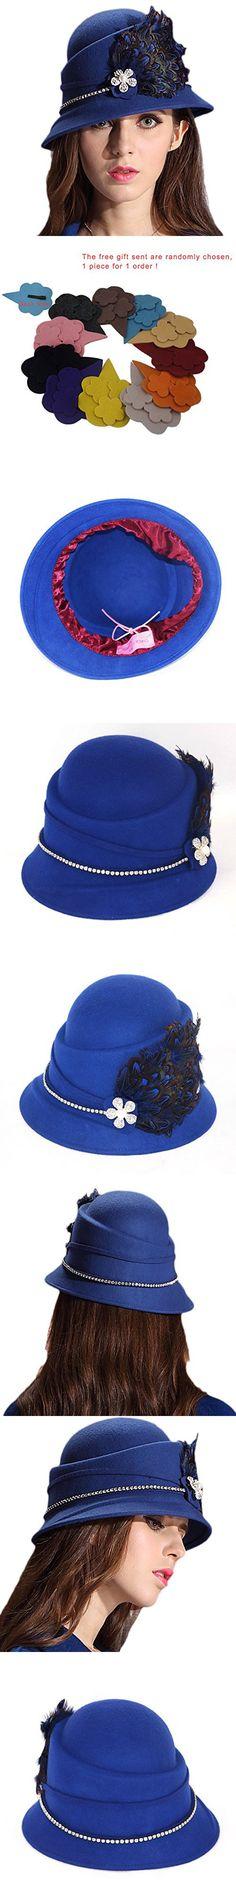 c0694a82182c0 Sakkas 104FL Sammy Structured Wool Fedora Hat - Black - One Size ...